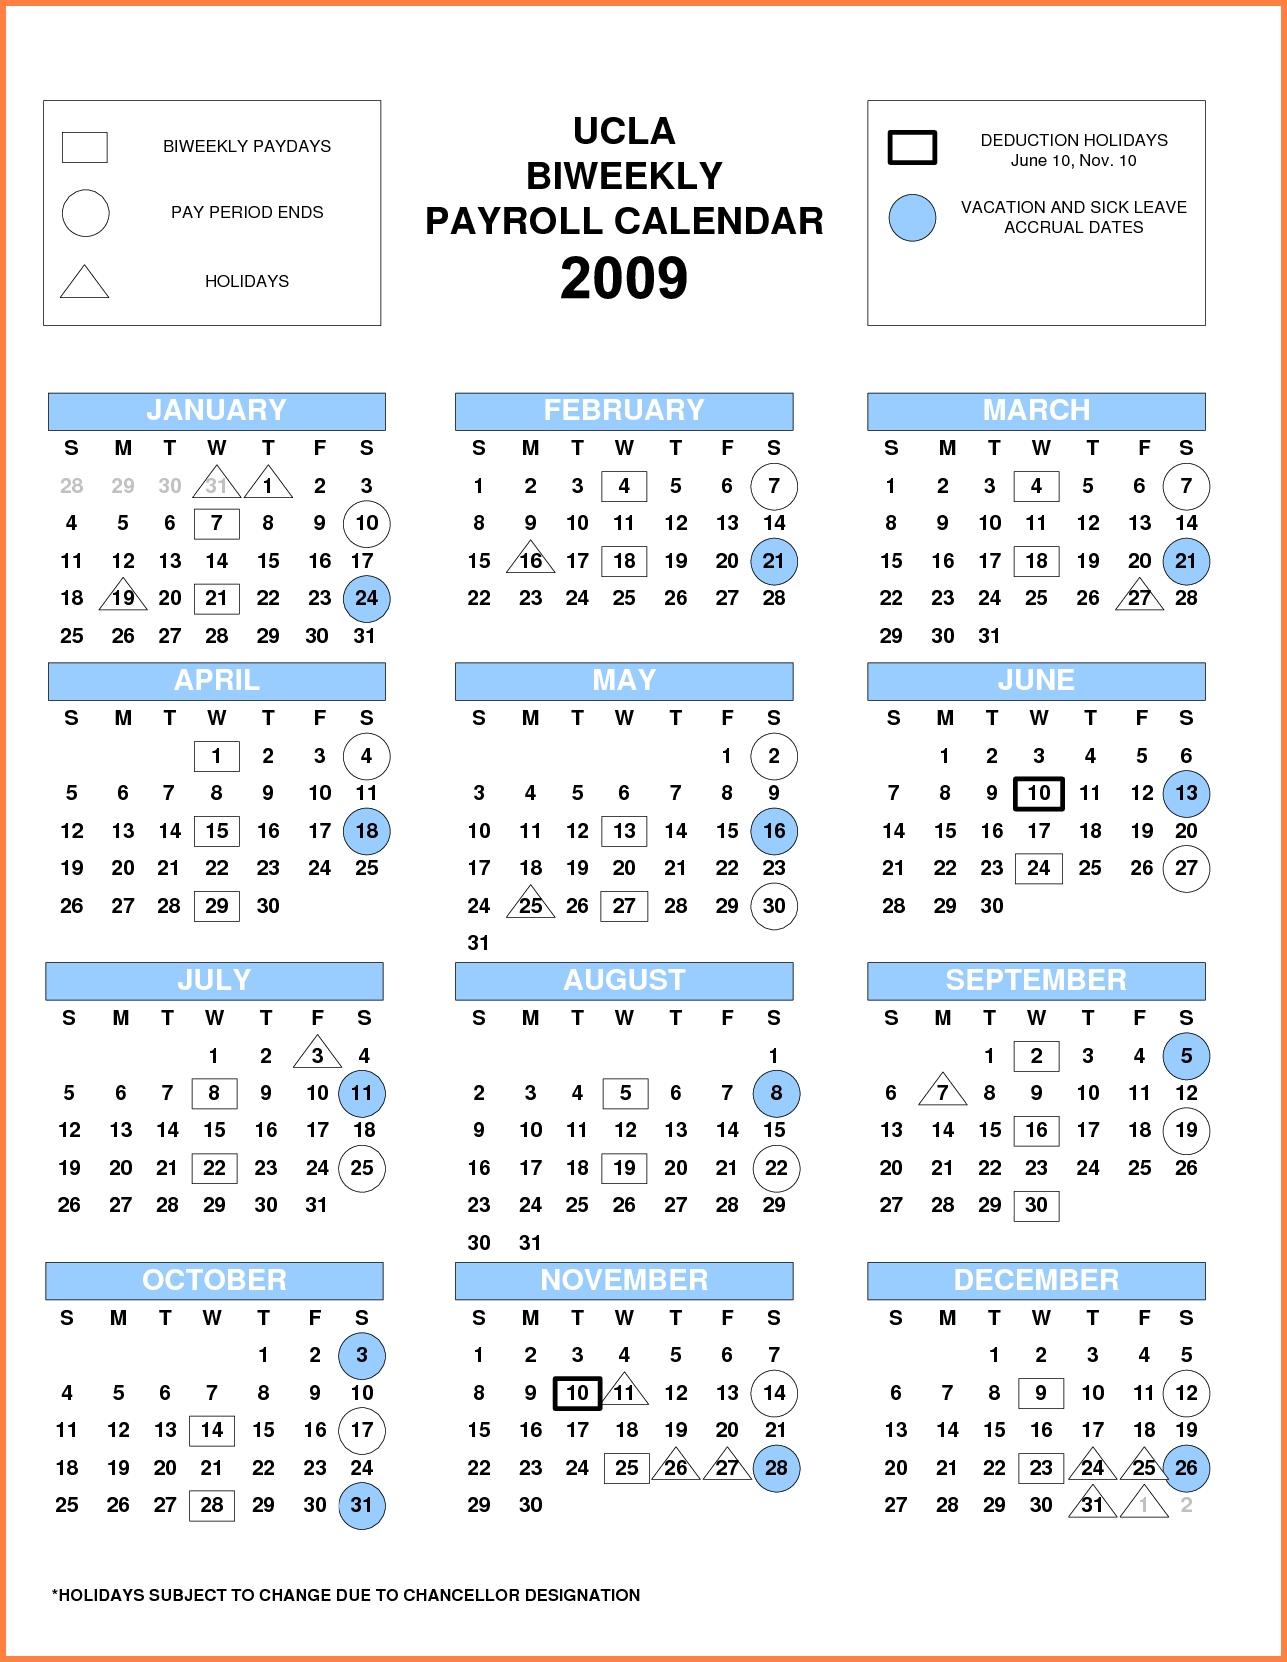 2018 Biweekly Payroll Calendar Wednesday | Payroll Calendars-Bi Week Friday Payroll Schedule 2020 Template